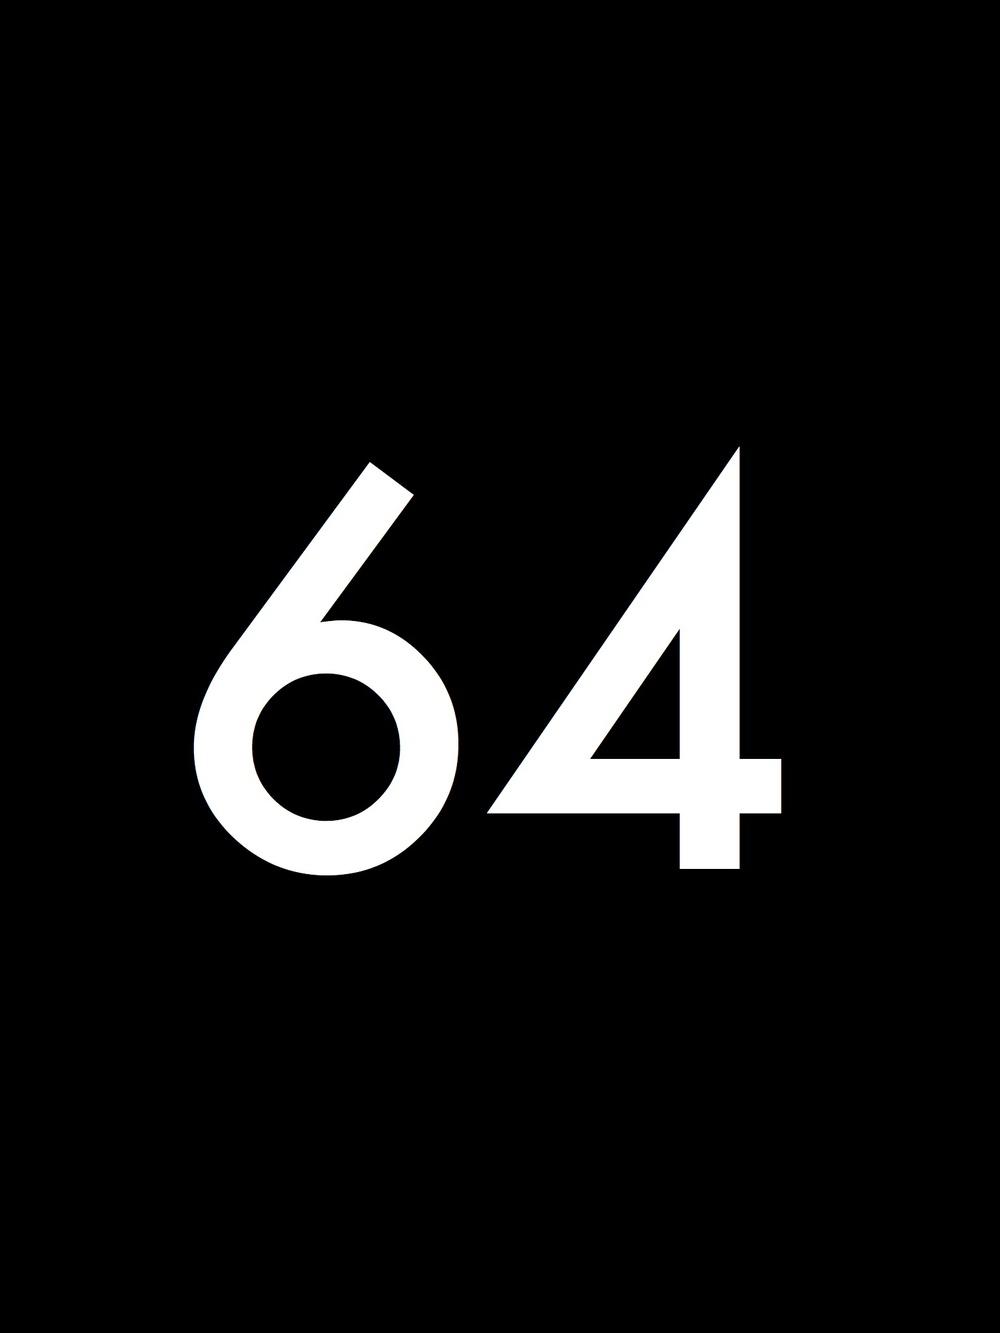 Black_Number.064.jpg